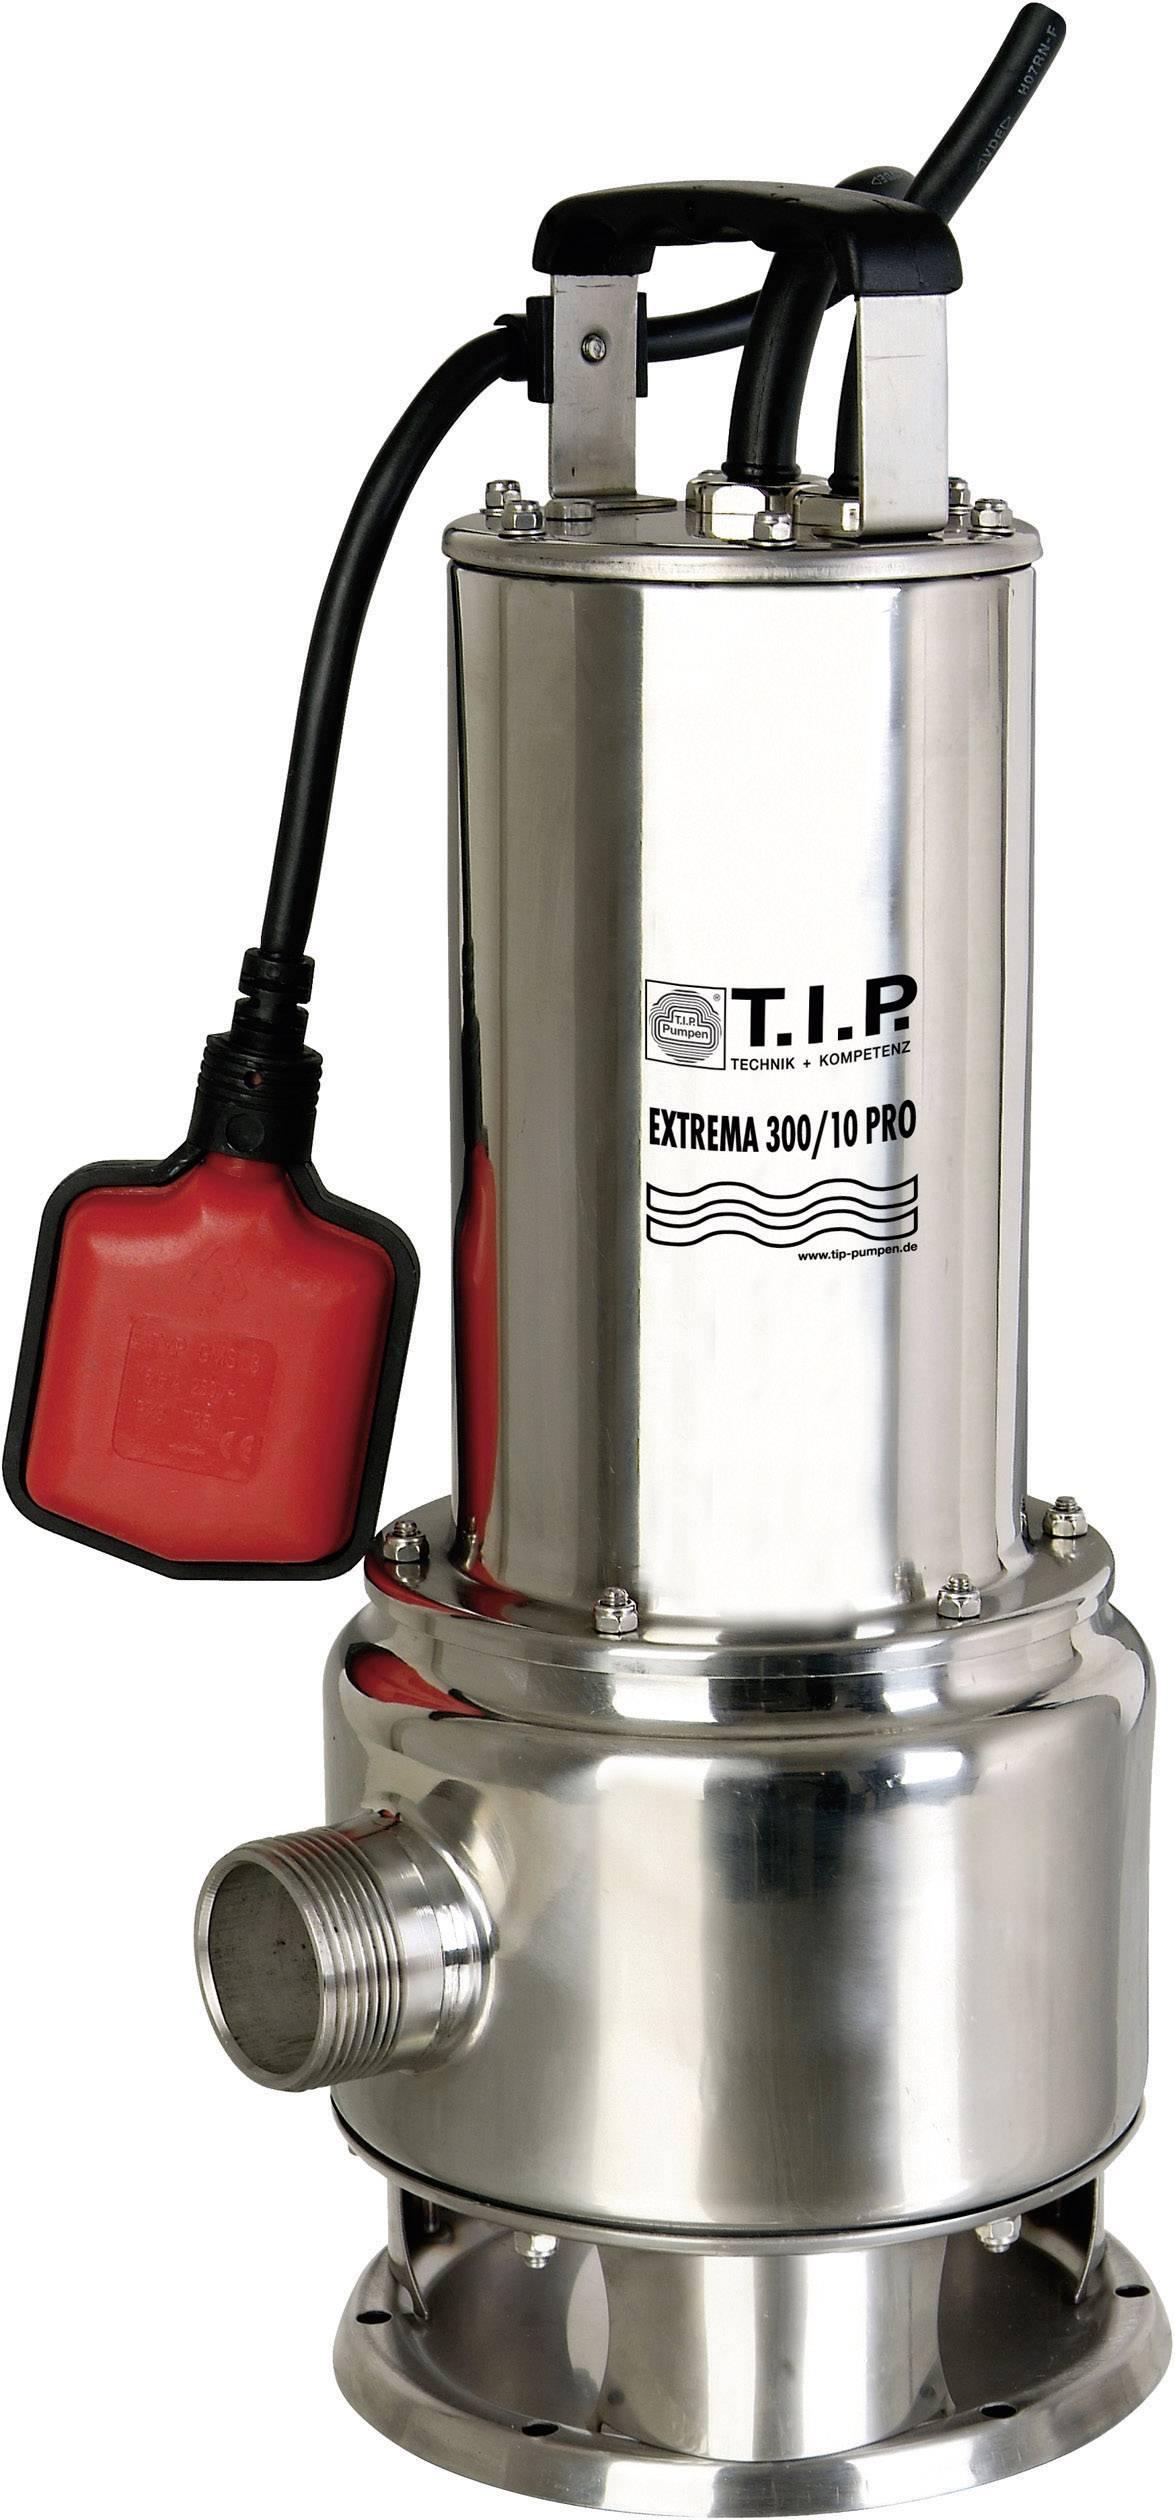 T.I.P. 30072 Pompa di drenaggi